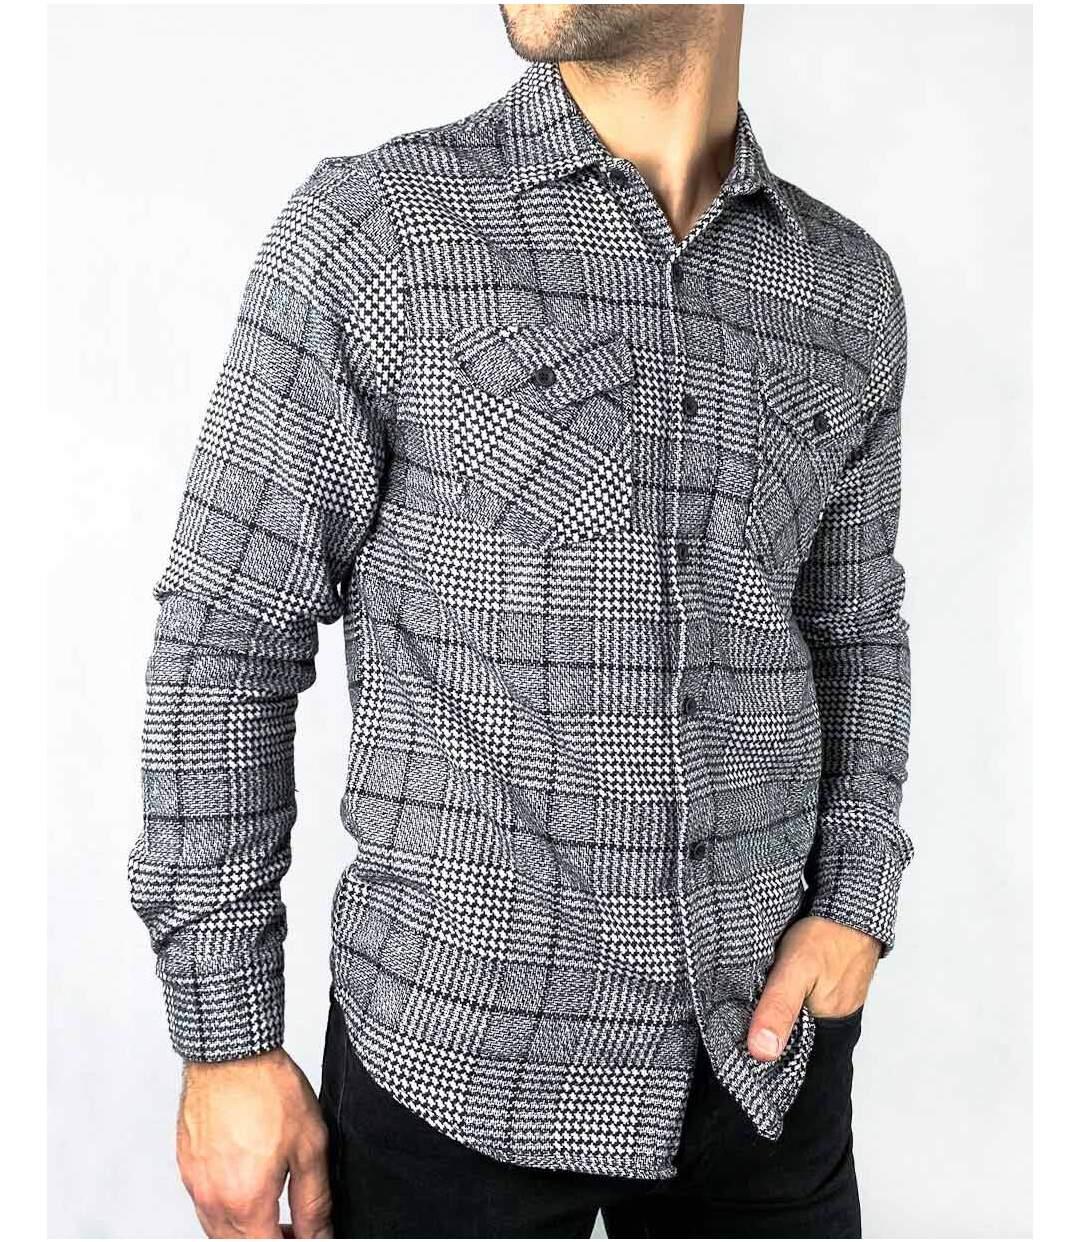 Chemises à carreaux gris noir type surchemise pour homme à manches longues